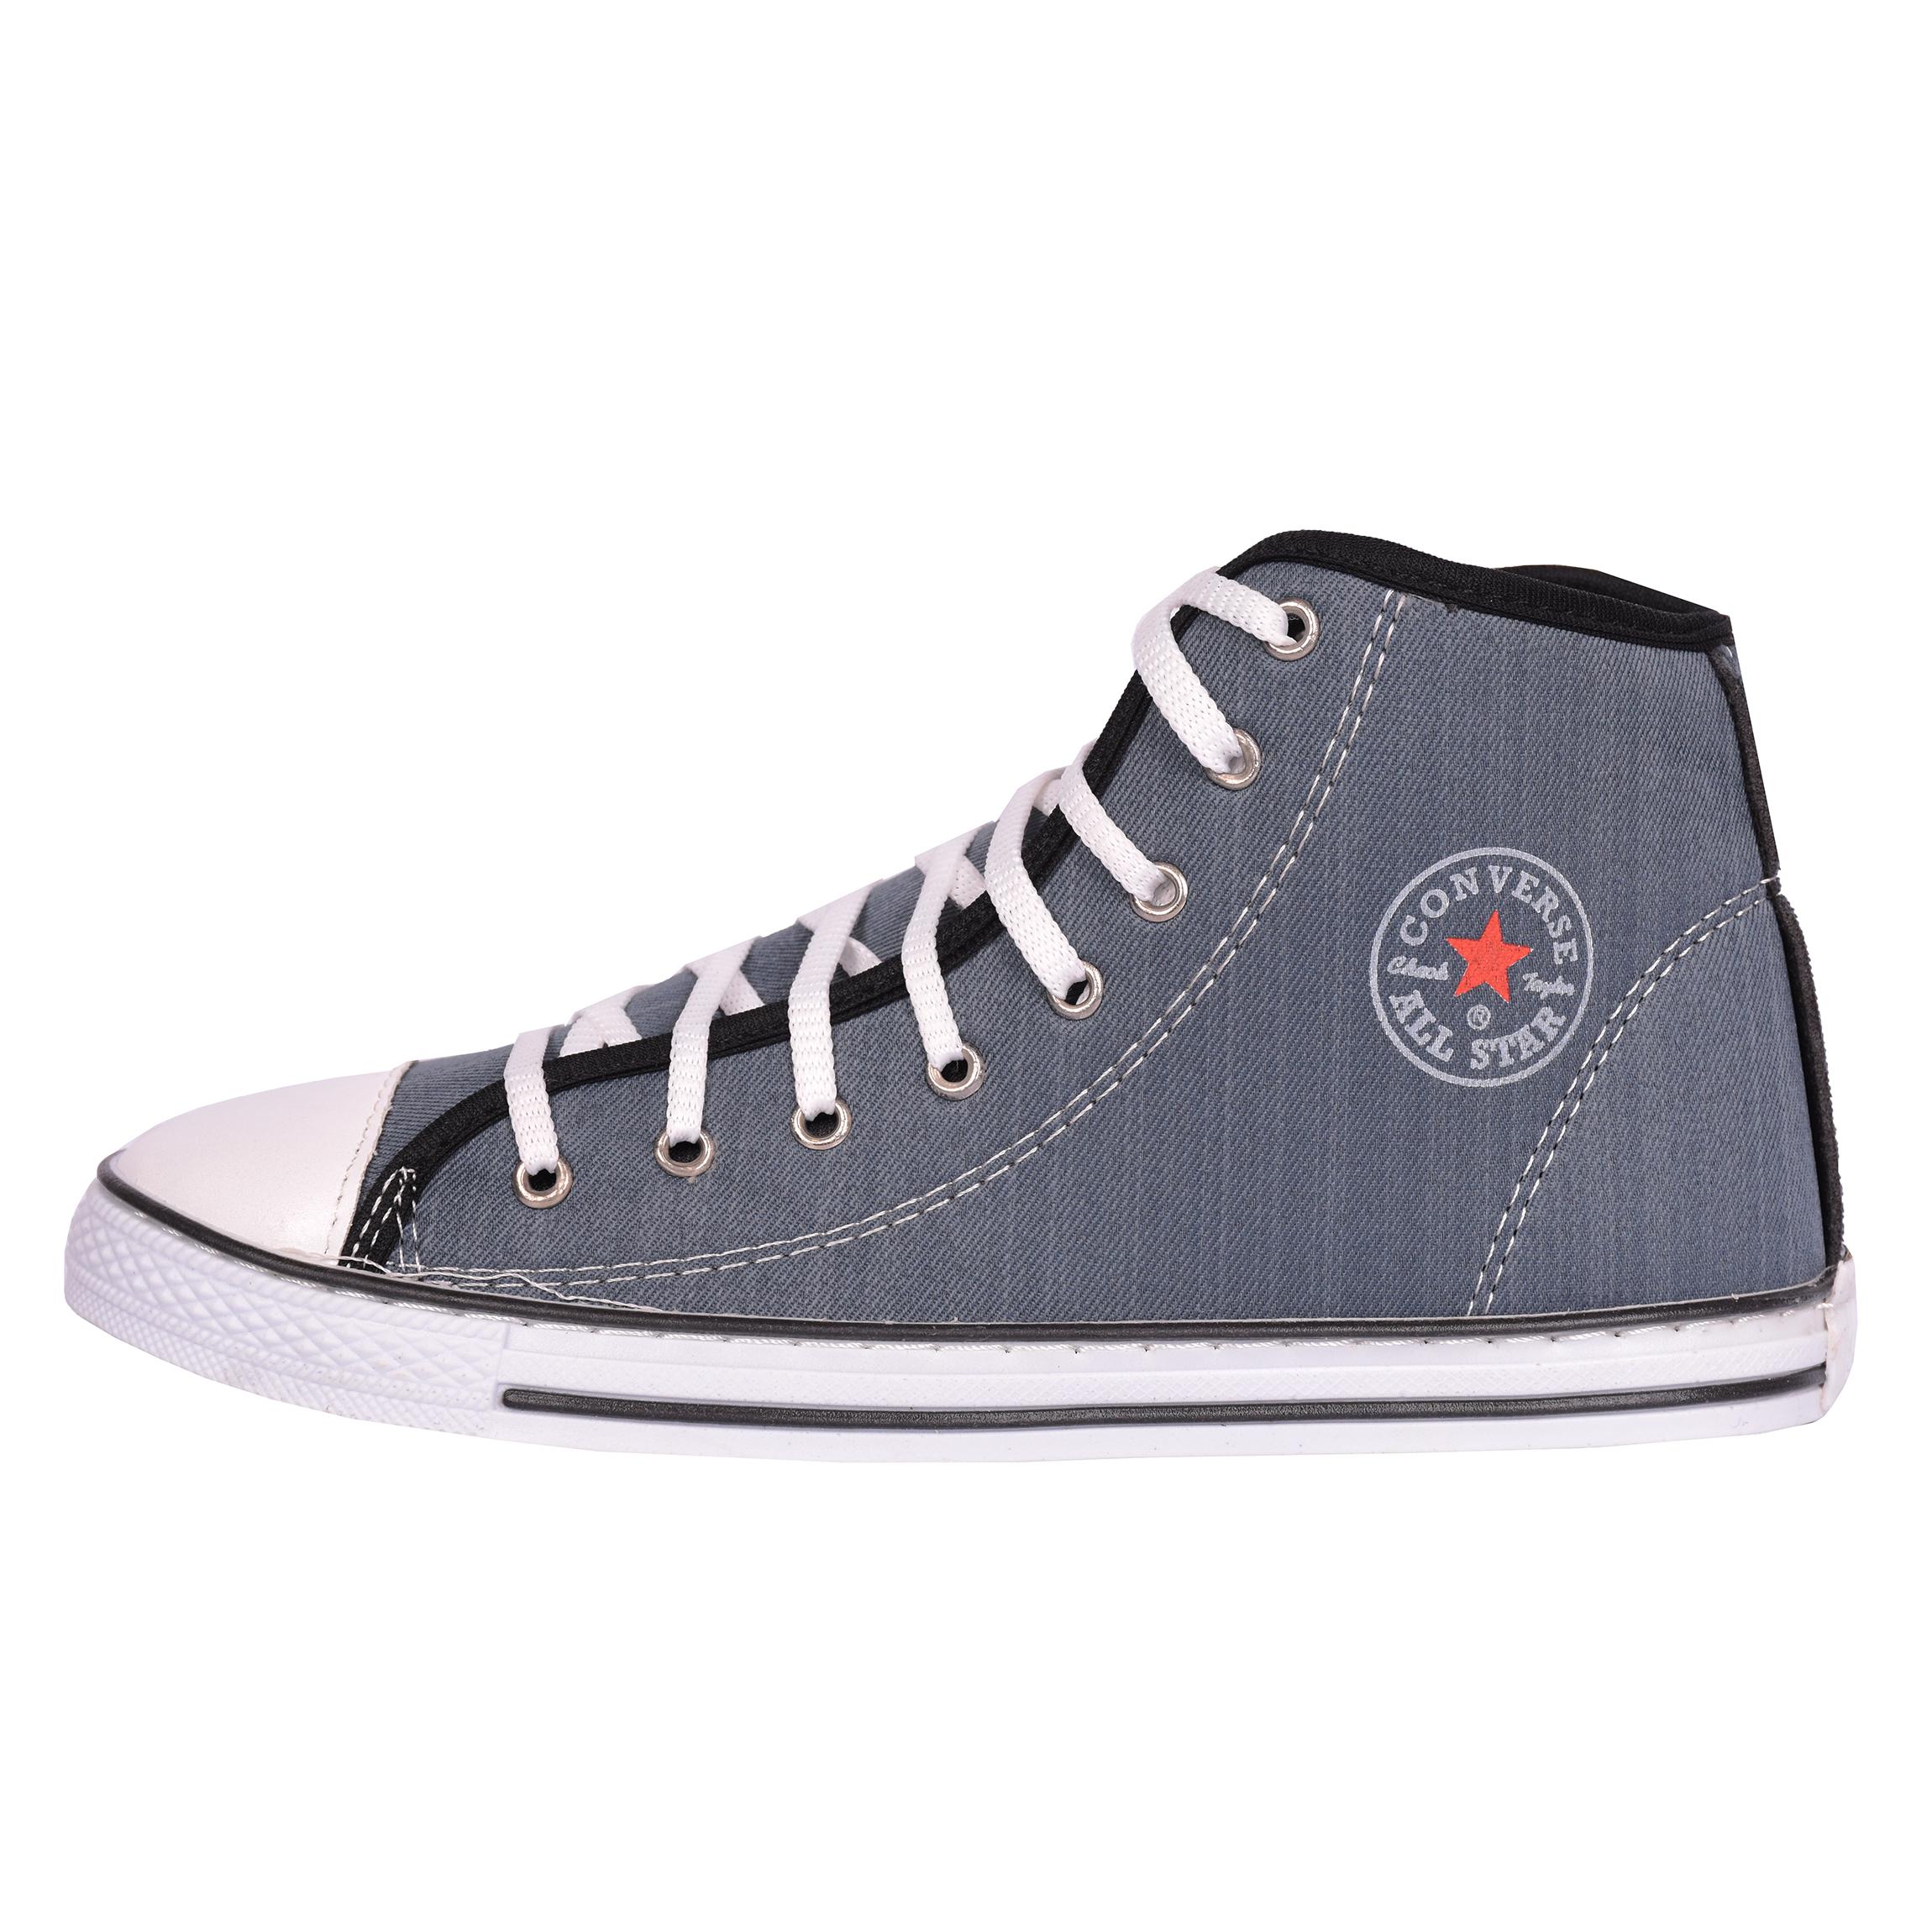 کفش راحتی مردانه کد 10al